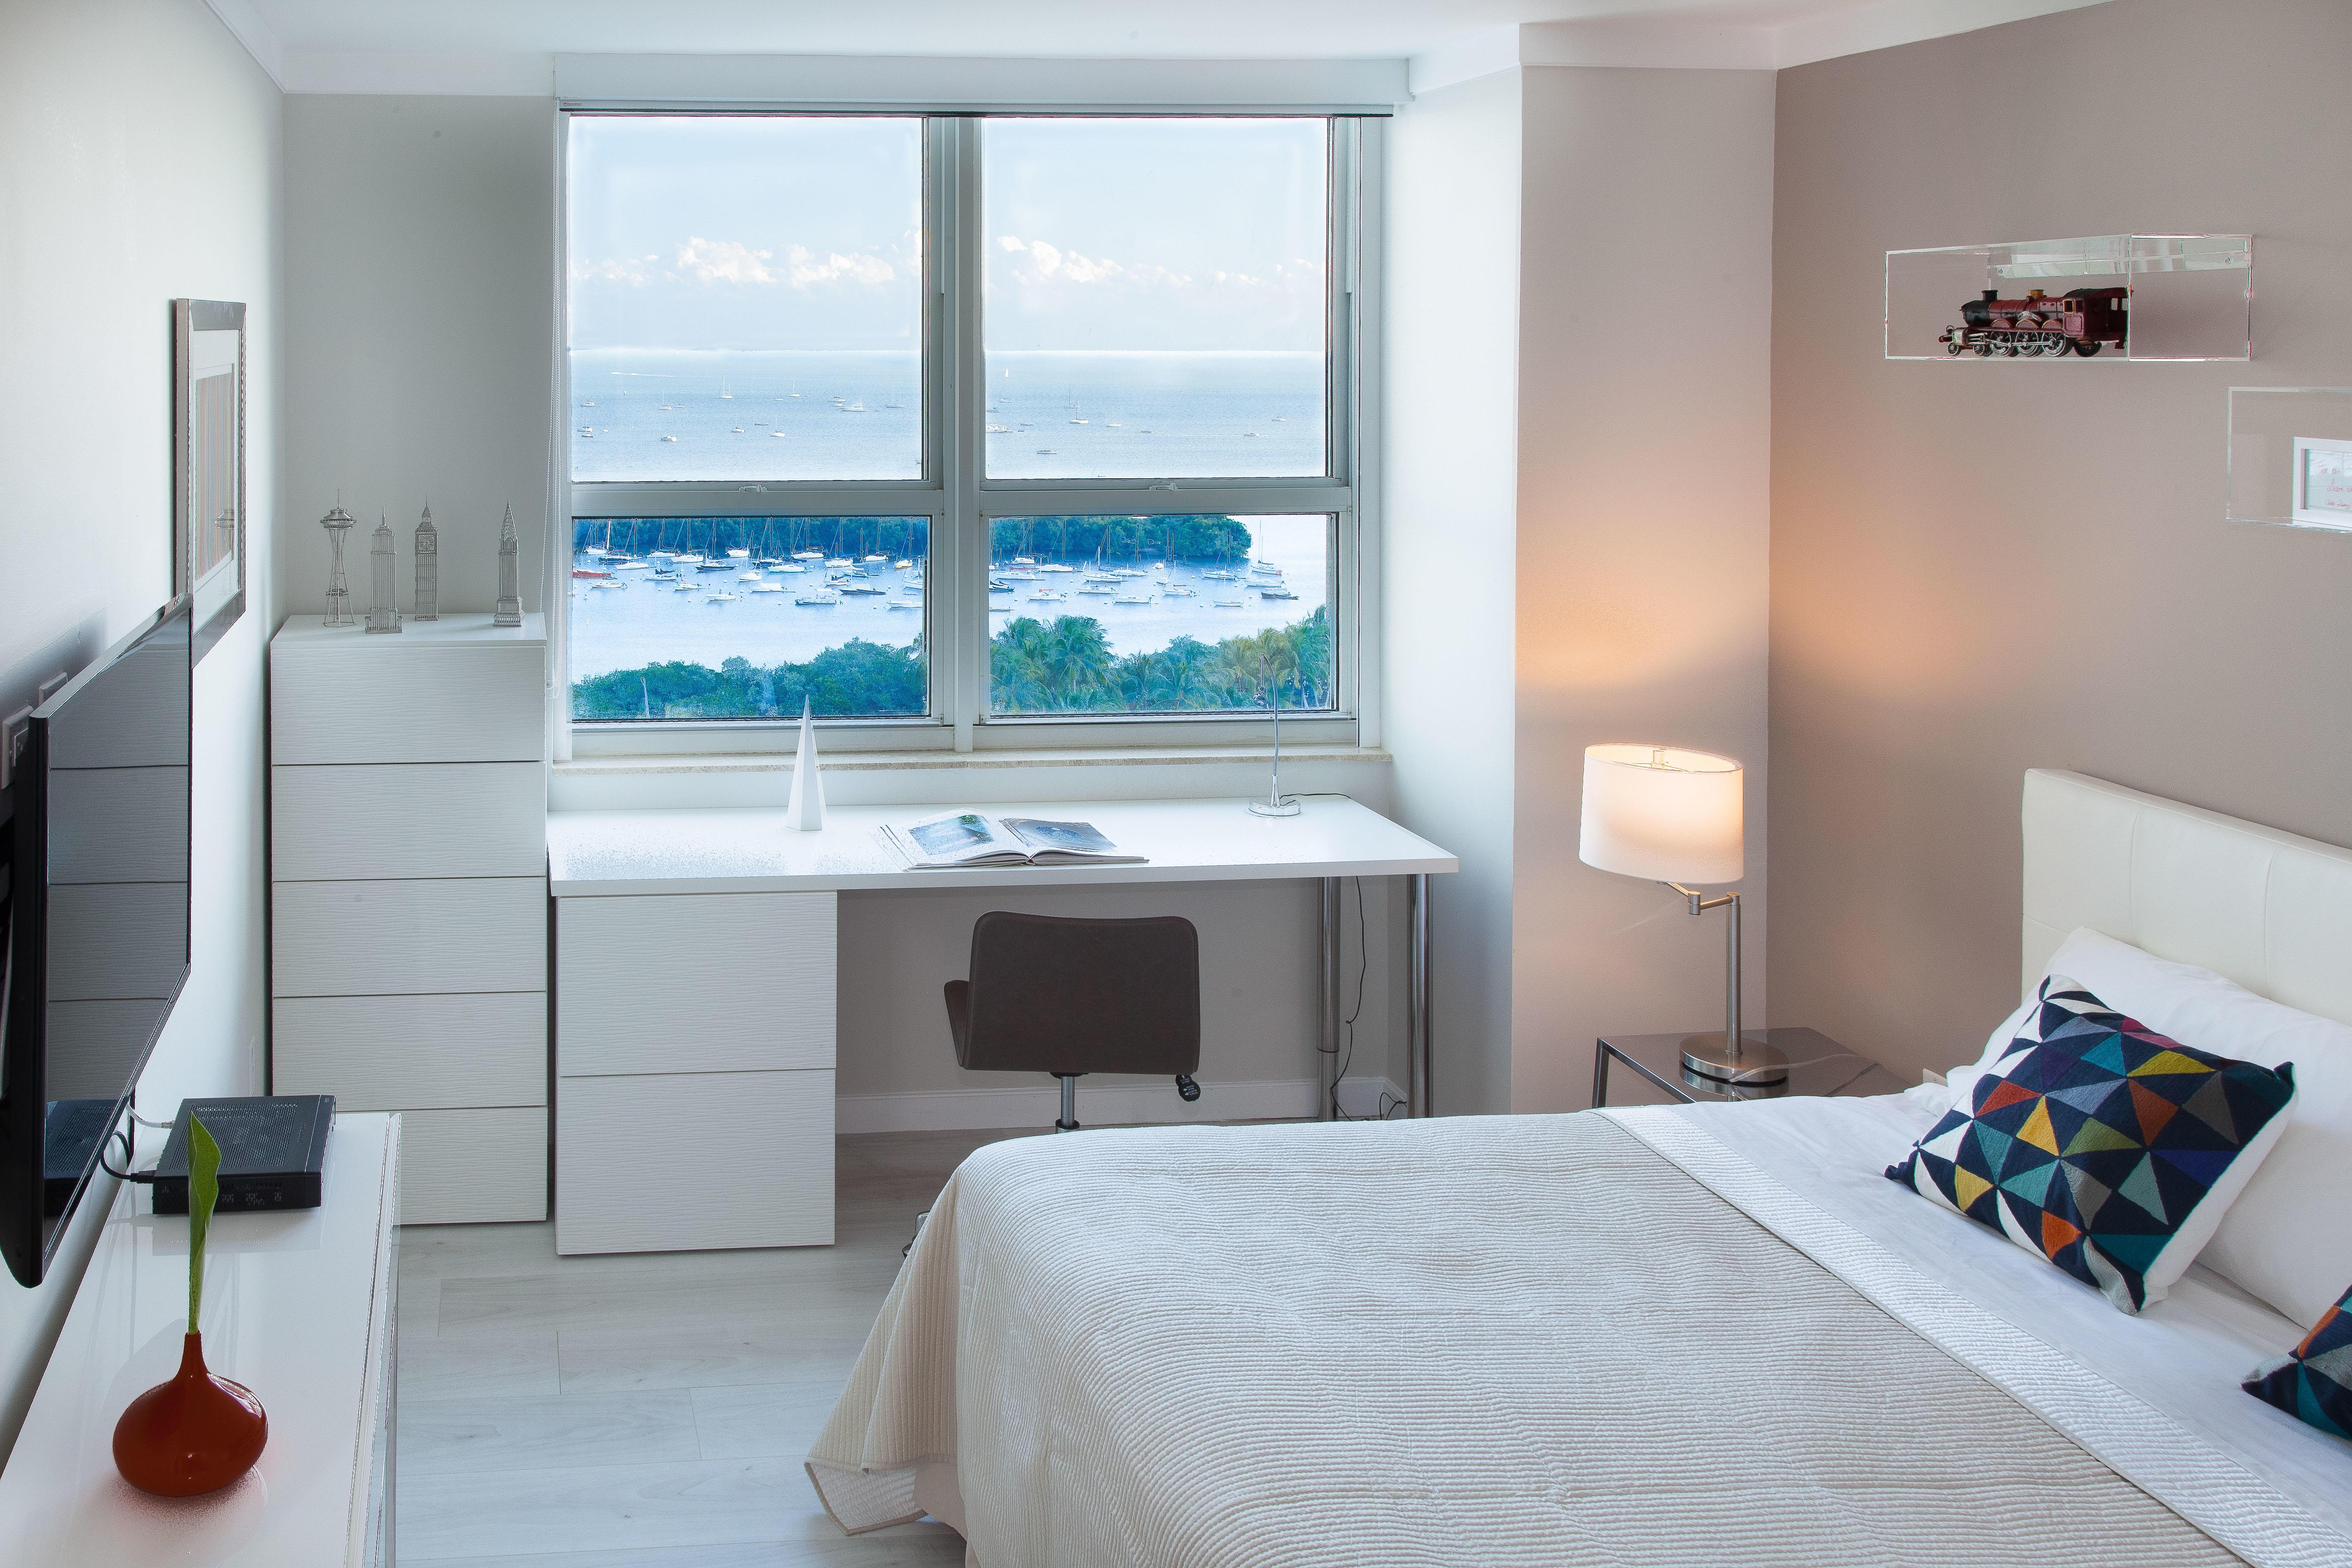 Miami Vacation Rentals - Brickell image 3